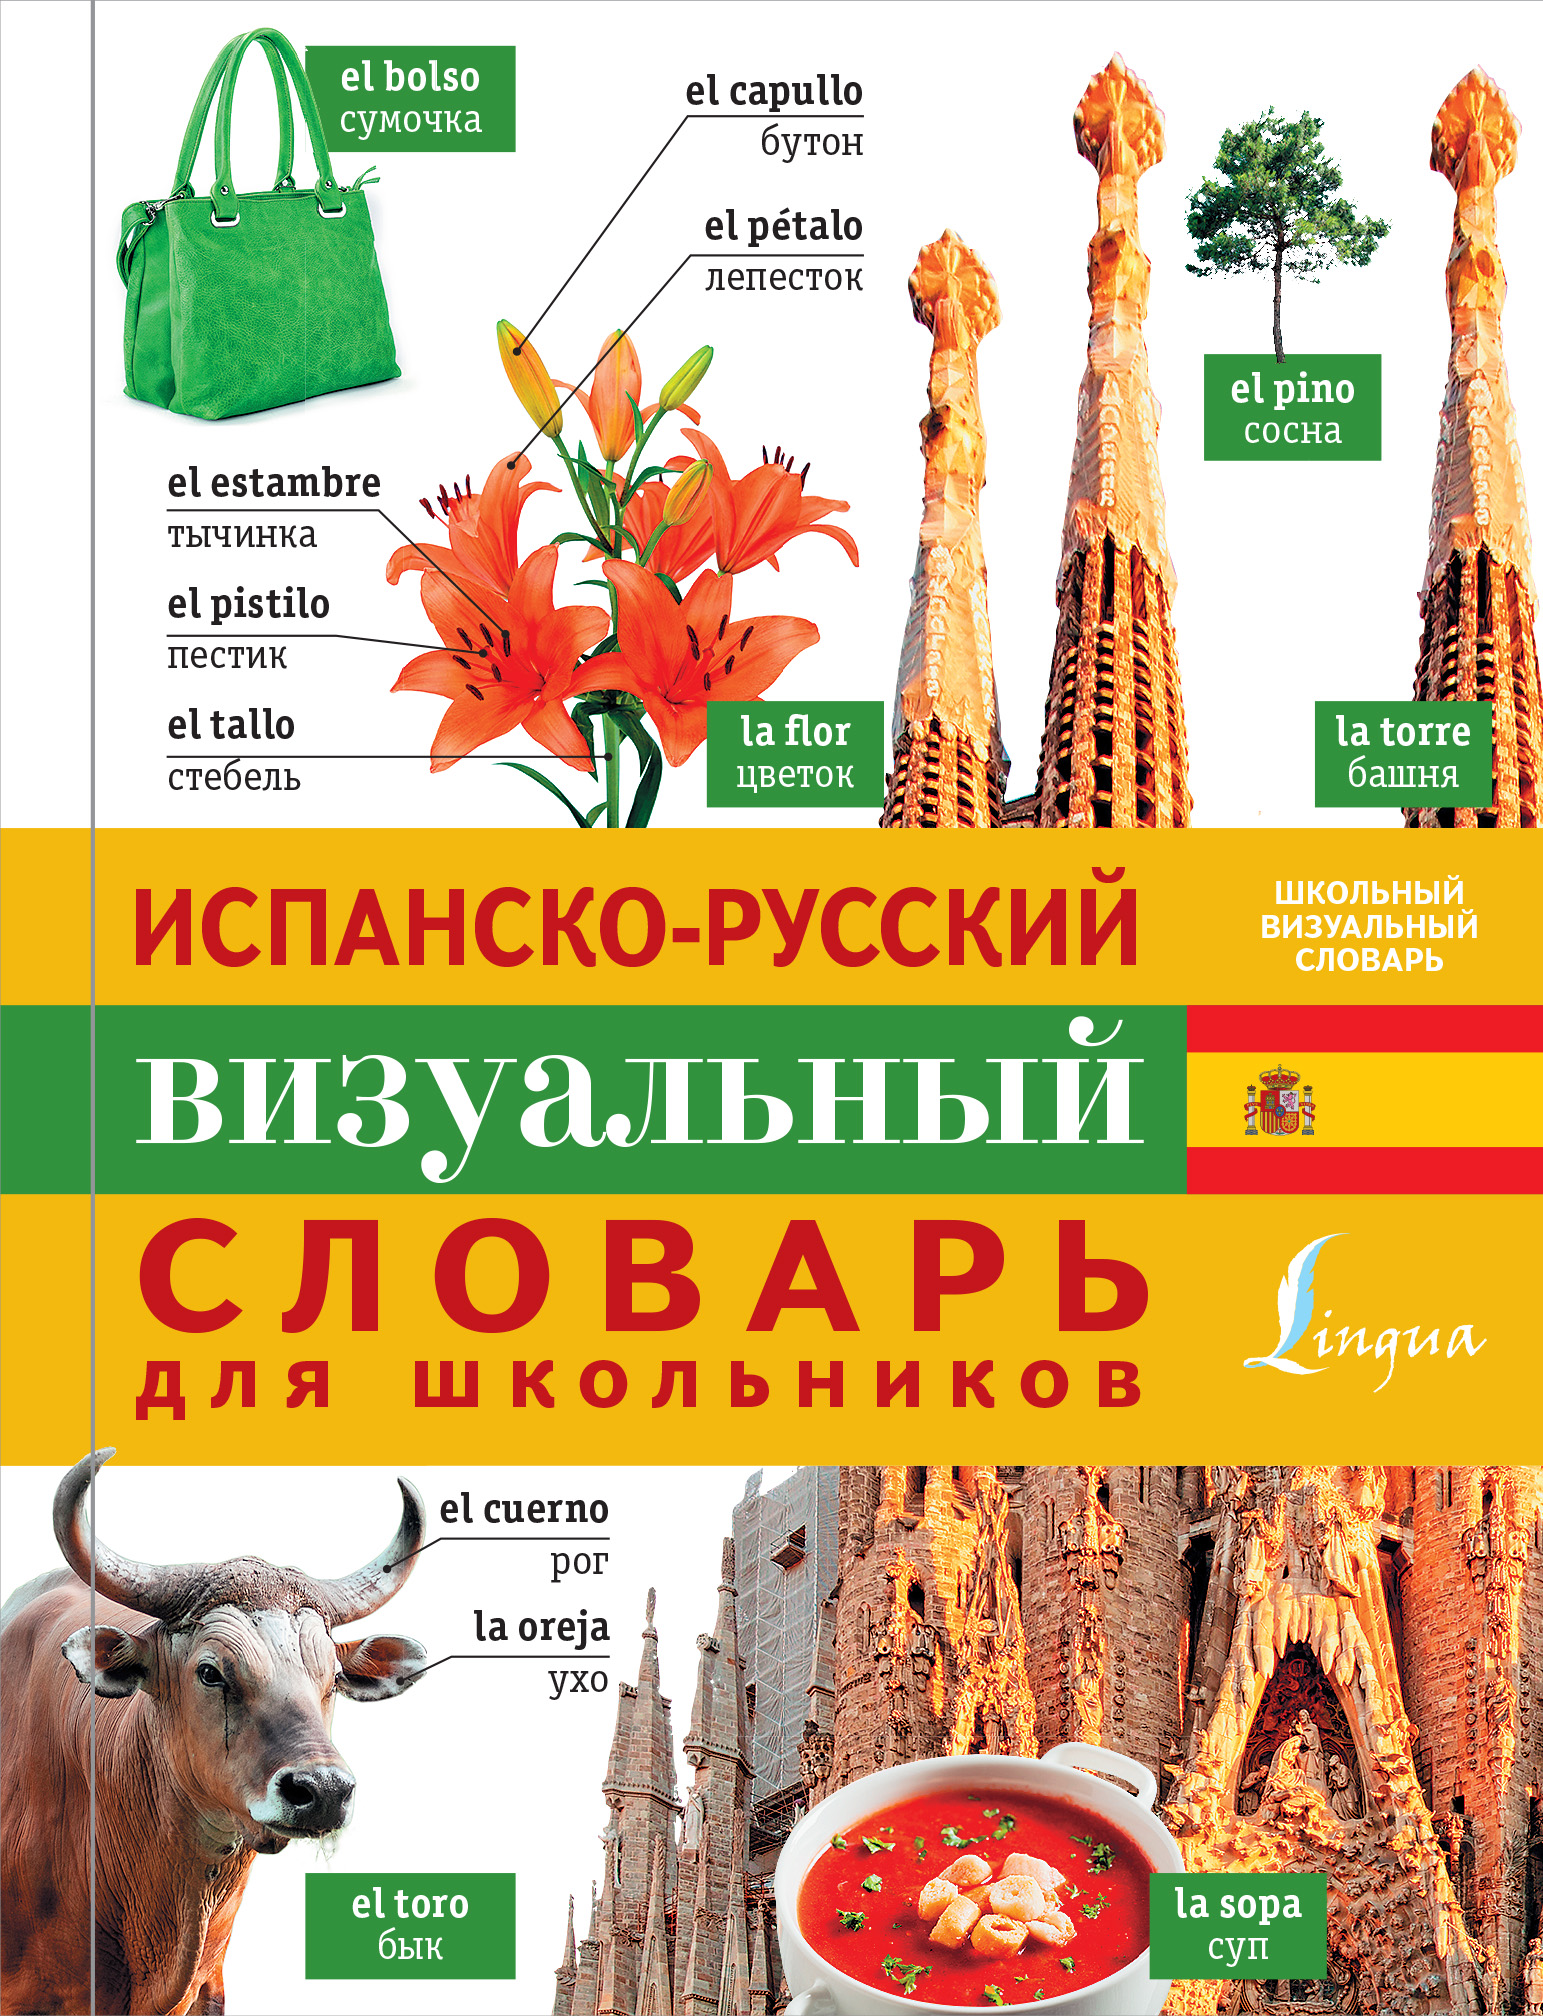 . Испанско-русский визуальный словарь для школьников